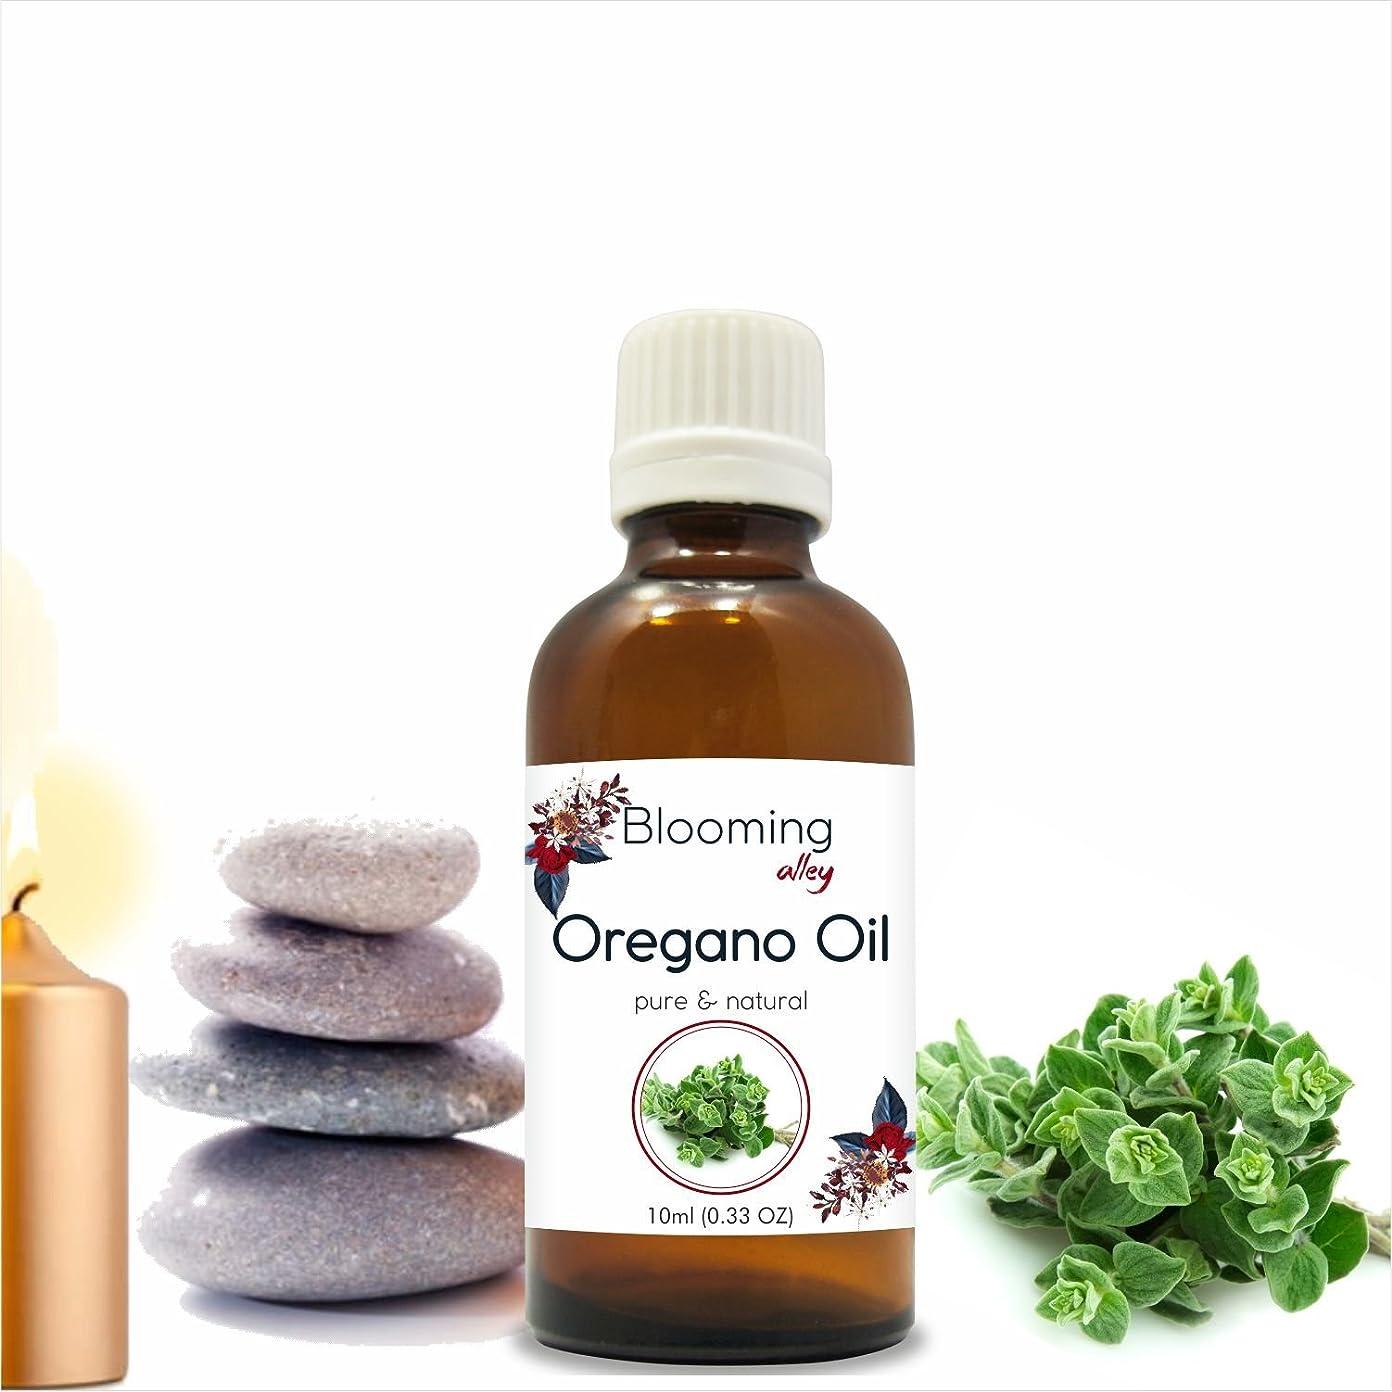 叱るギャング草Oregano Oil (Origanum Vulgare) Essential Oil 10 ml or 0.33 Fl Oz by Blooming Alley